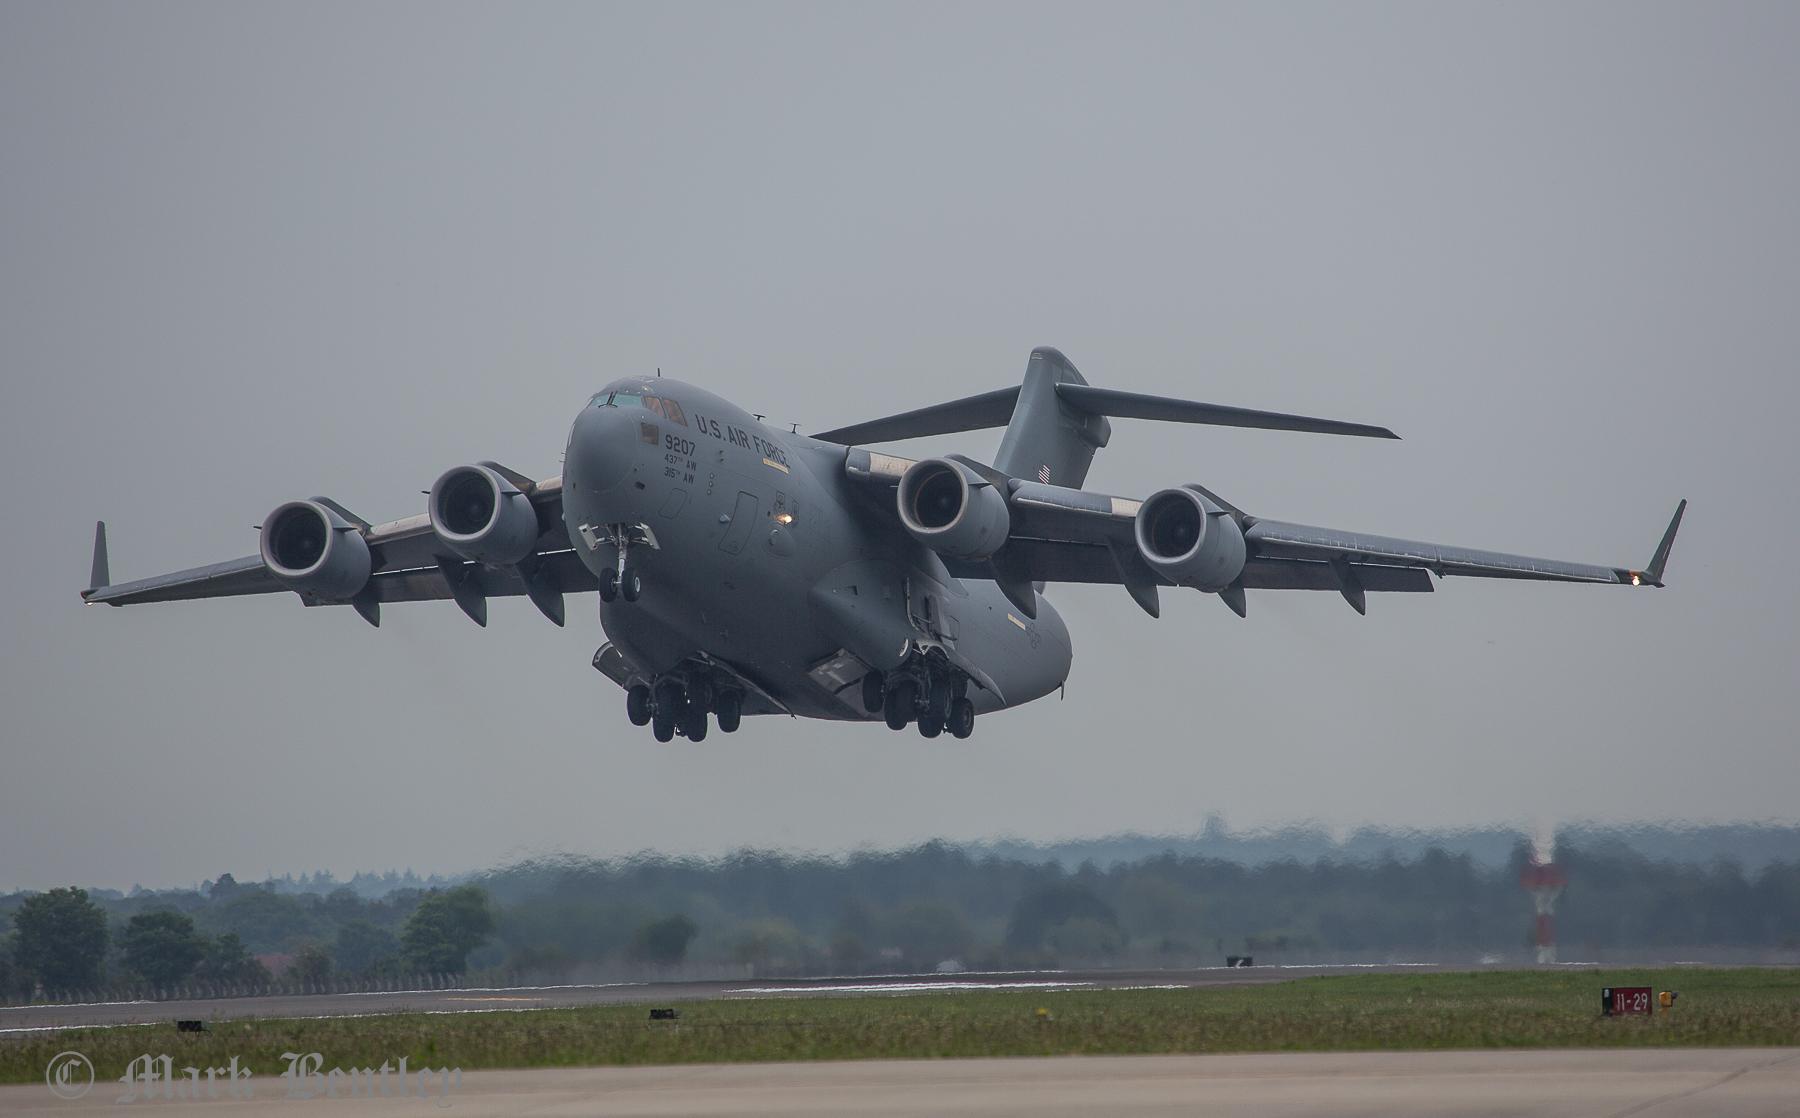 B067 USAF C17